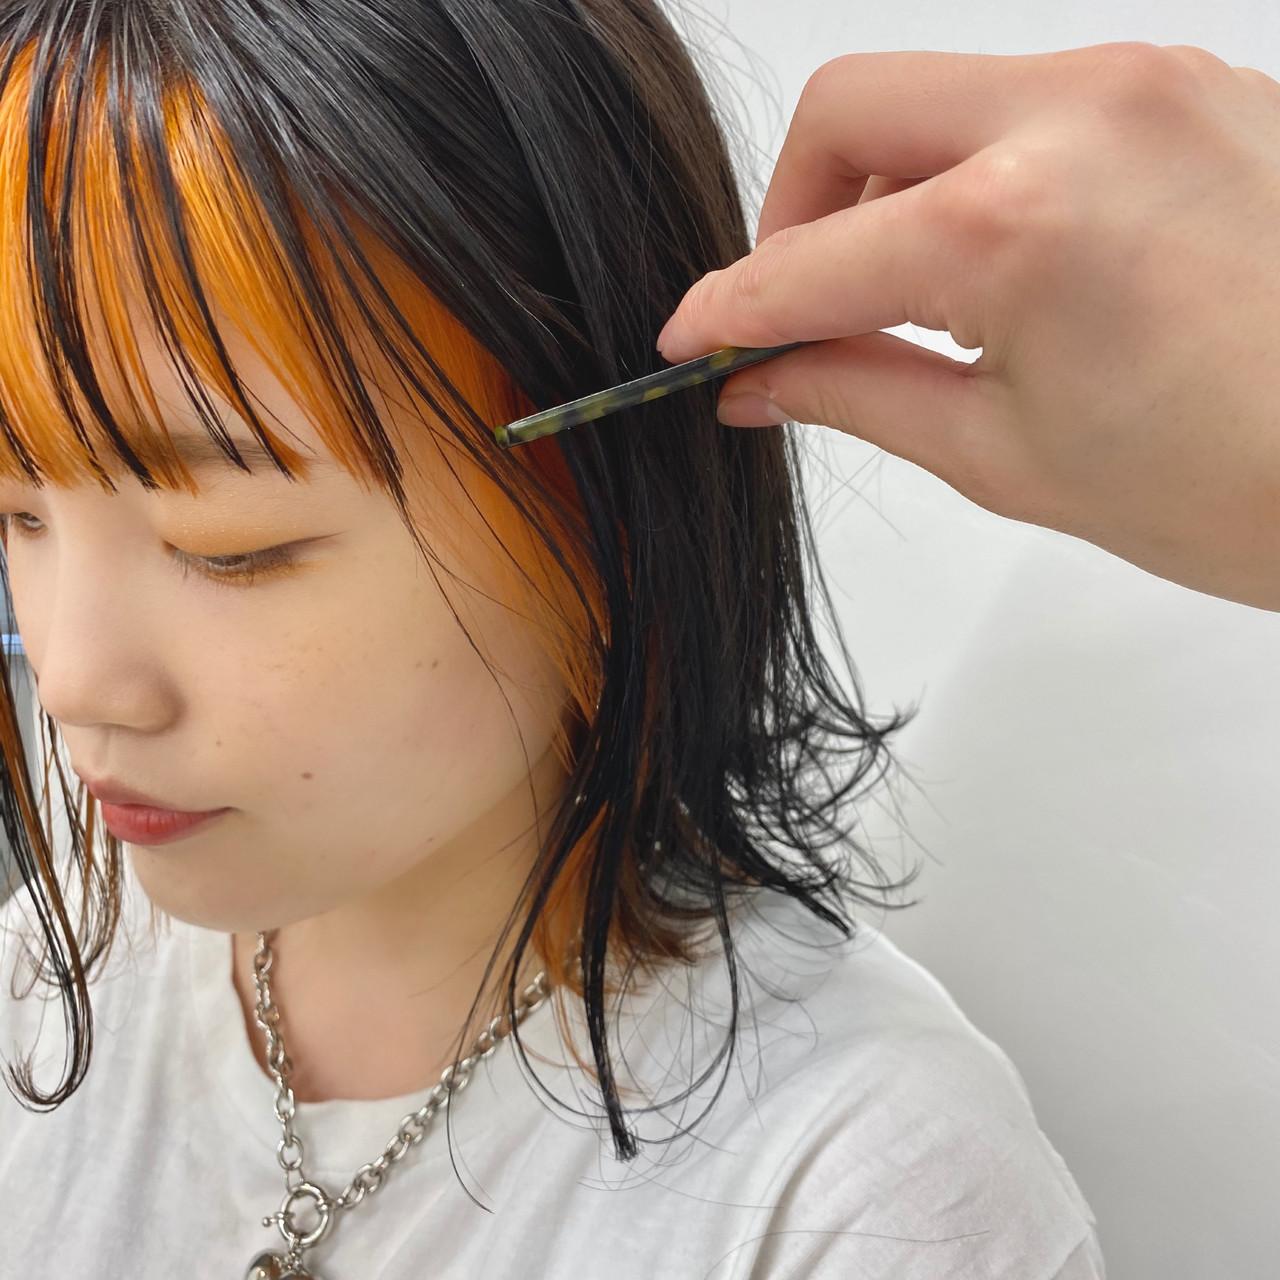 ナチュラル モテボブ 切りっぱなしボブ ボブ ヘアスタイルや髪型の写真・画像 | 【ショート&ショートボブはお任せください】淺川聖 / parc sapporo